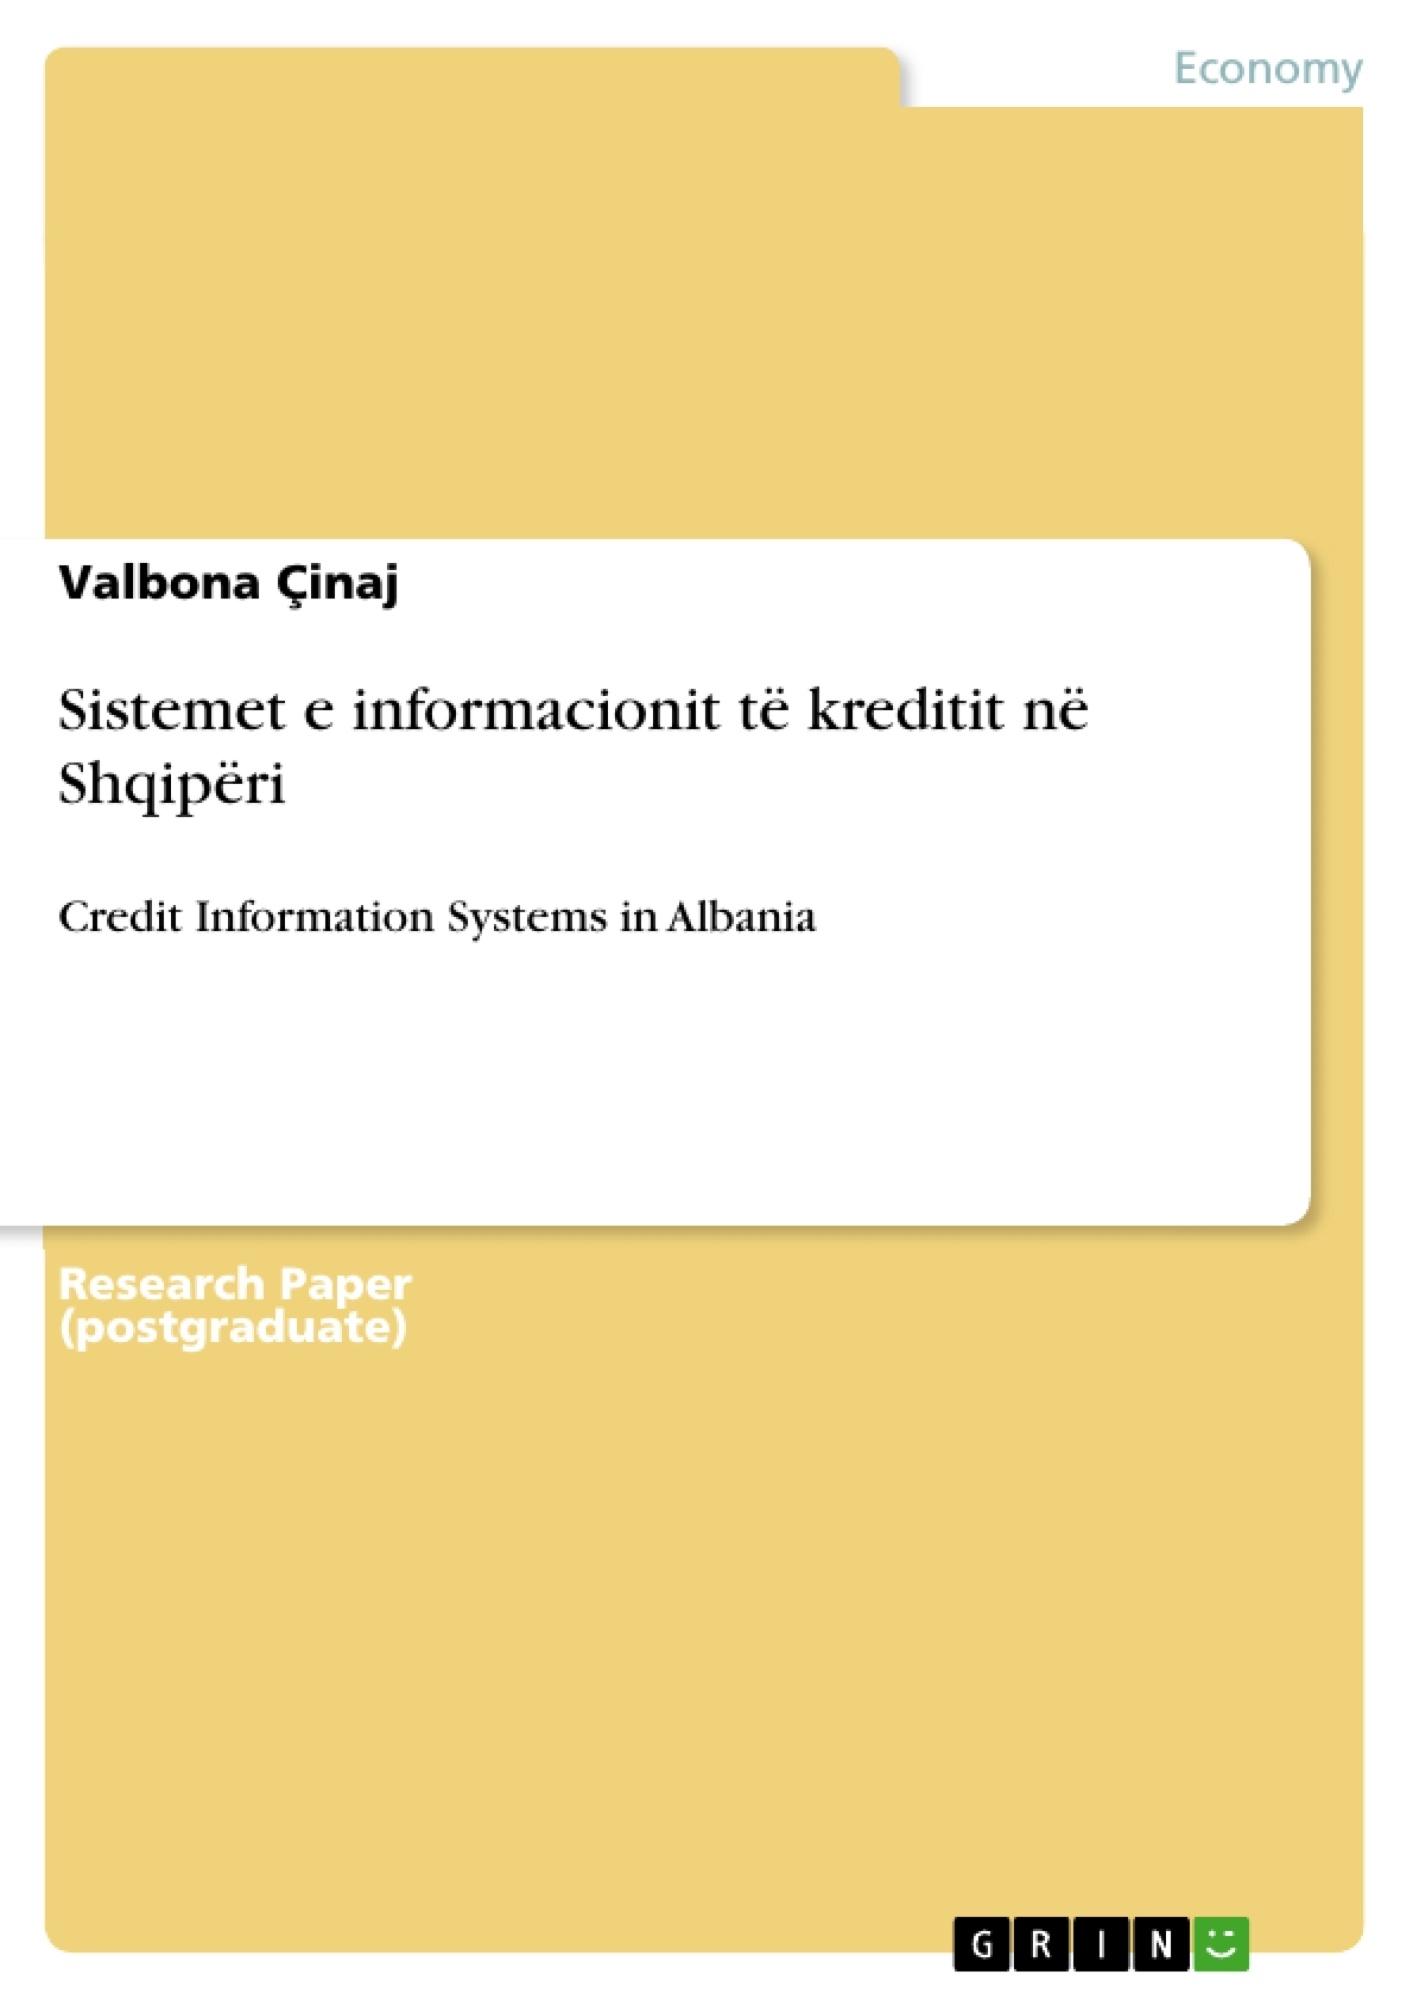 Title: Sistemet e informacionit të kreditit në Shqipëri